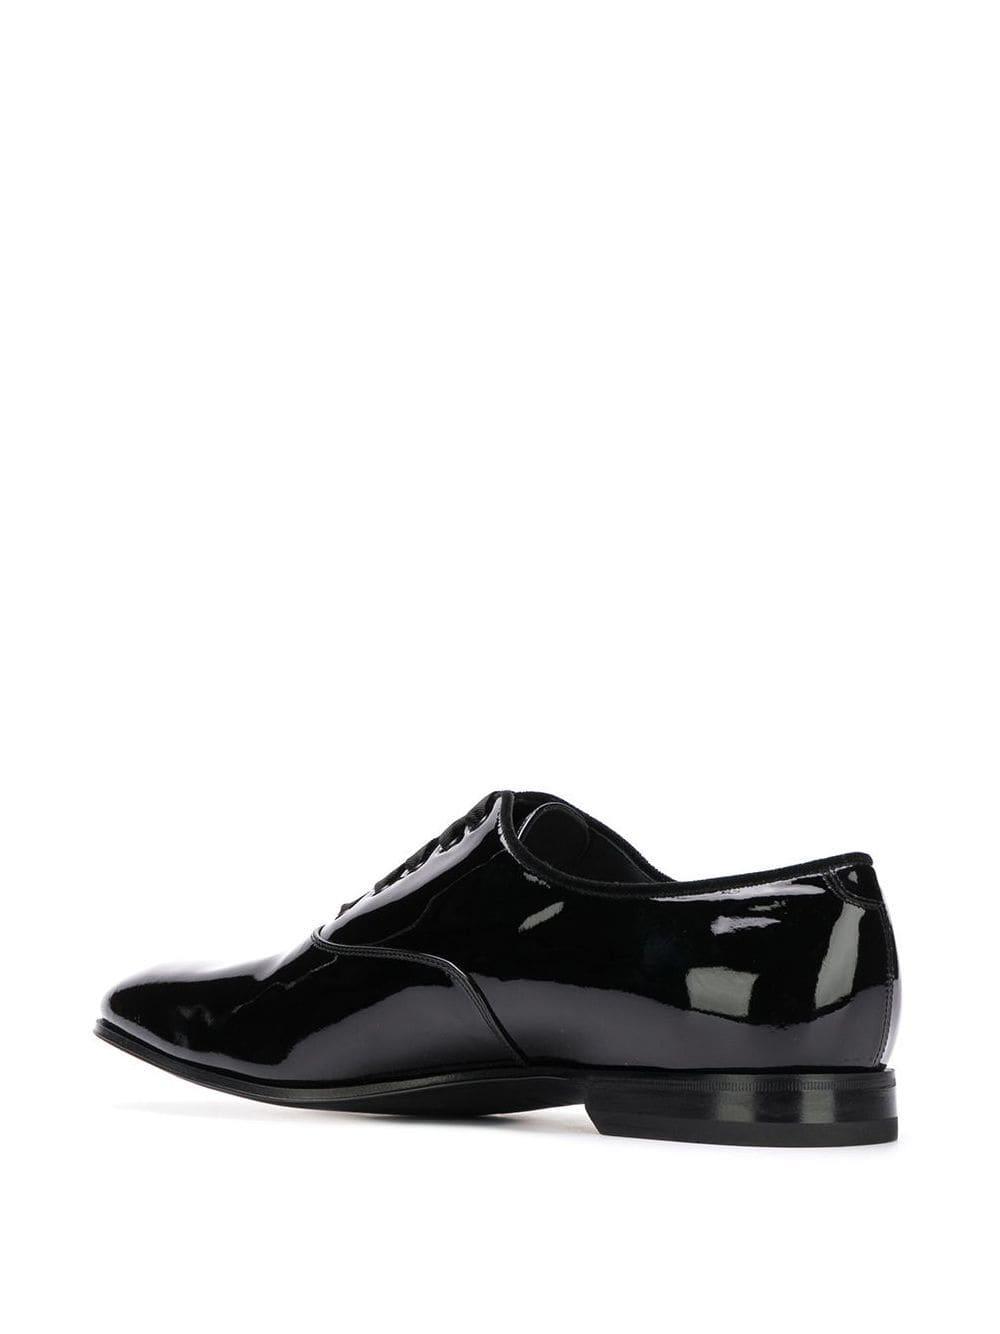 Zapatos oxford clásicos Ferragamo de Cuero de color Negro para hombre